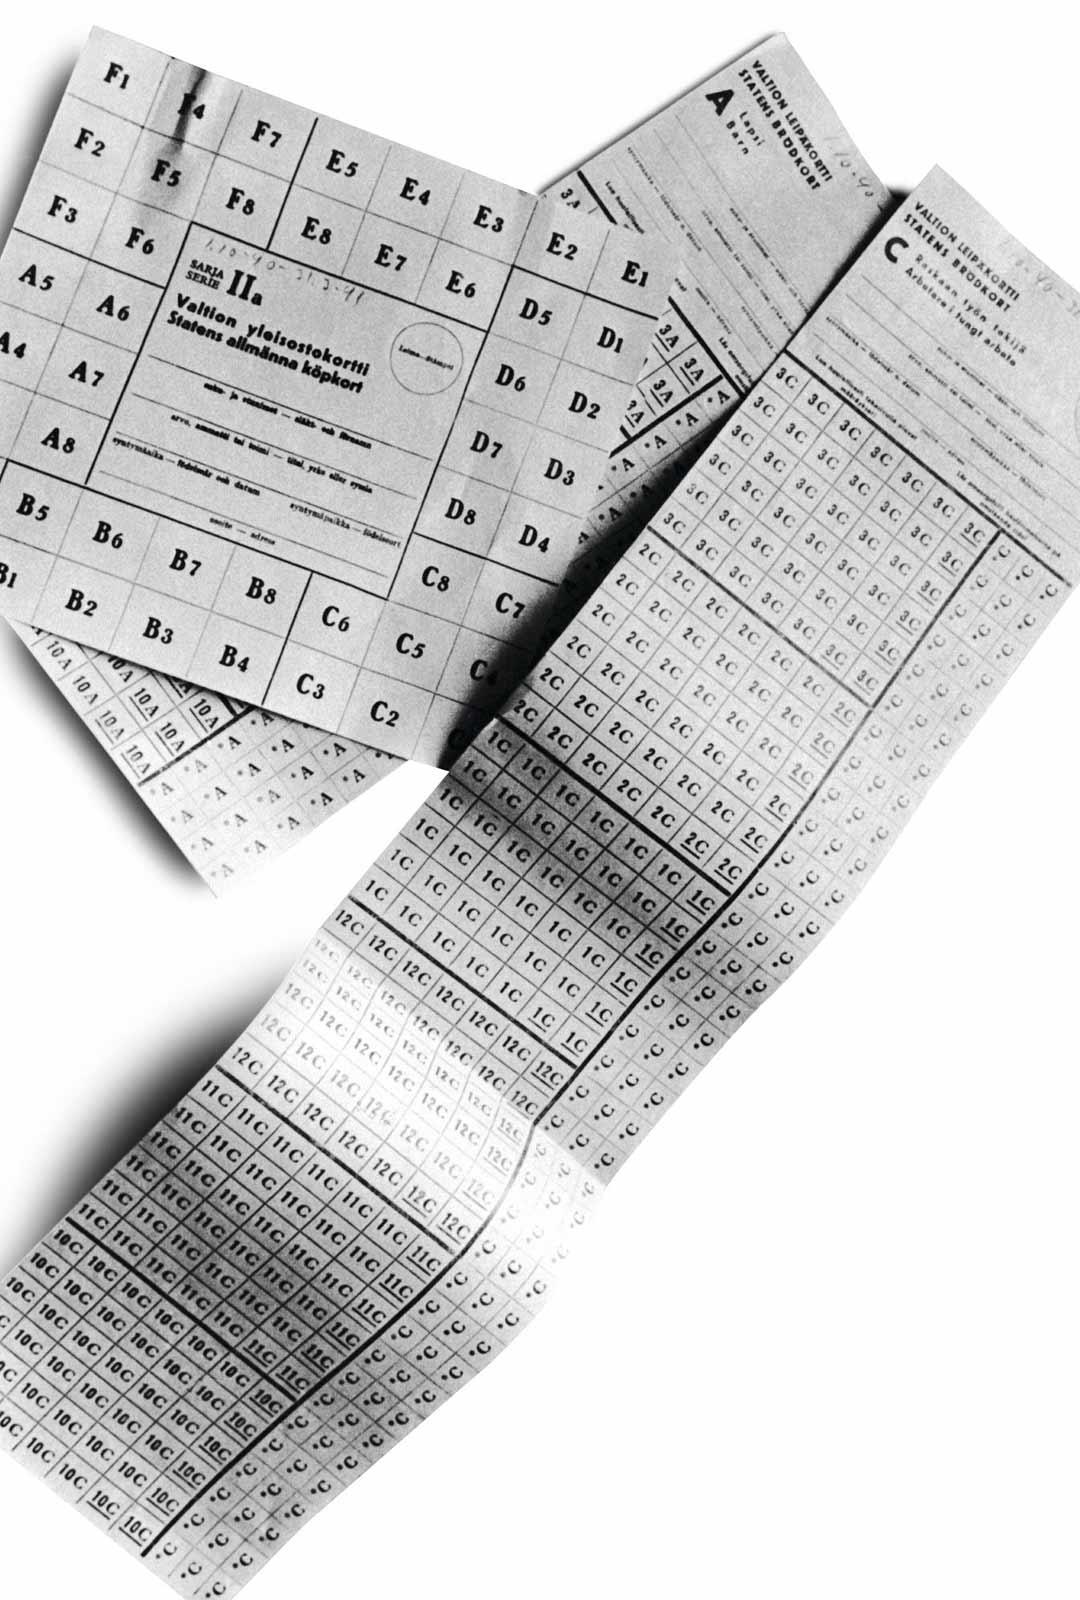 Ostokortteja jatkosodan ajalta, jolloin perheet saivat ostaa säännösteltyjä elintarvikkeita kerrallaan vain tietyn määrän. Koronakriisikin saattaa sadonkorjuuvaikeuksien takia aiheuttaa pulaa yksittäisistä raaka-aineista, mutta syötävä ei ole Suomesta loppumassa.